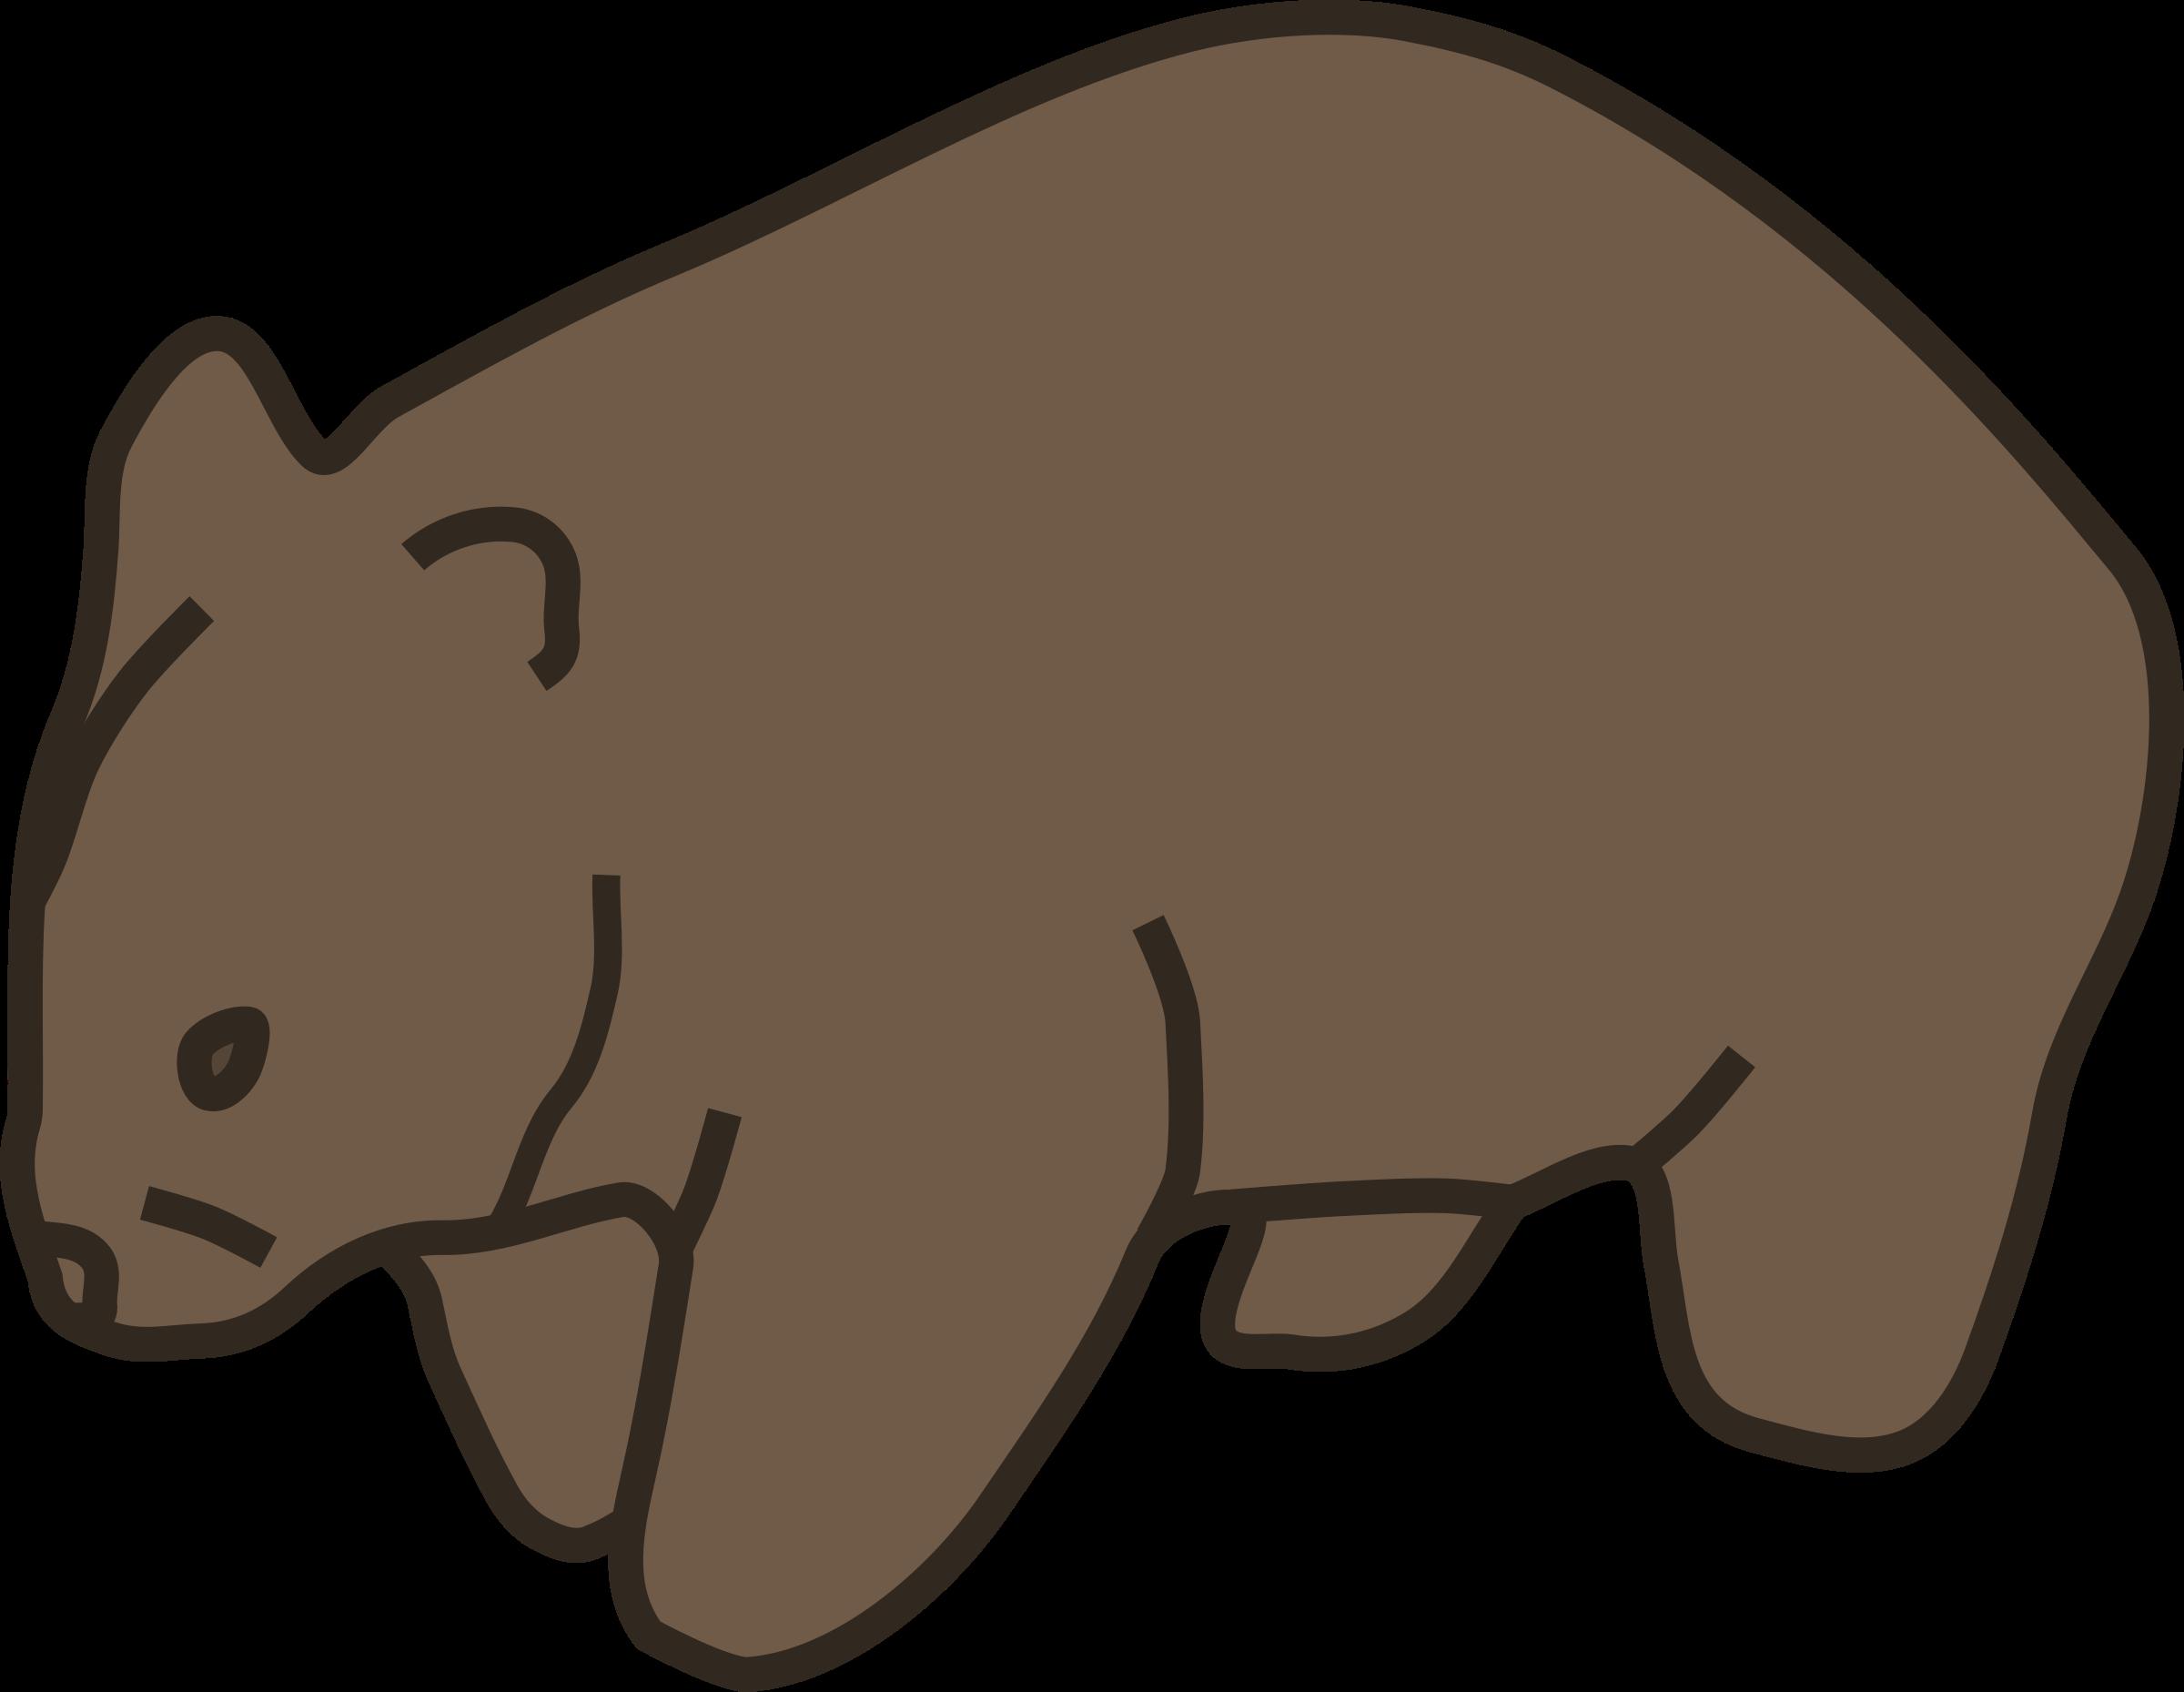 Wombat clipart Images Clipart Clipart Wombat Panda